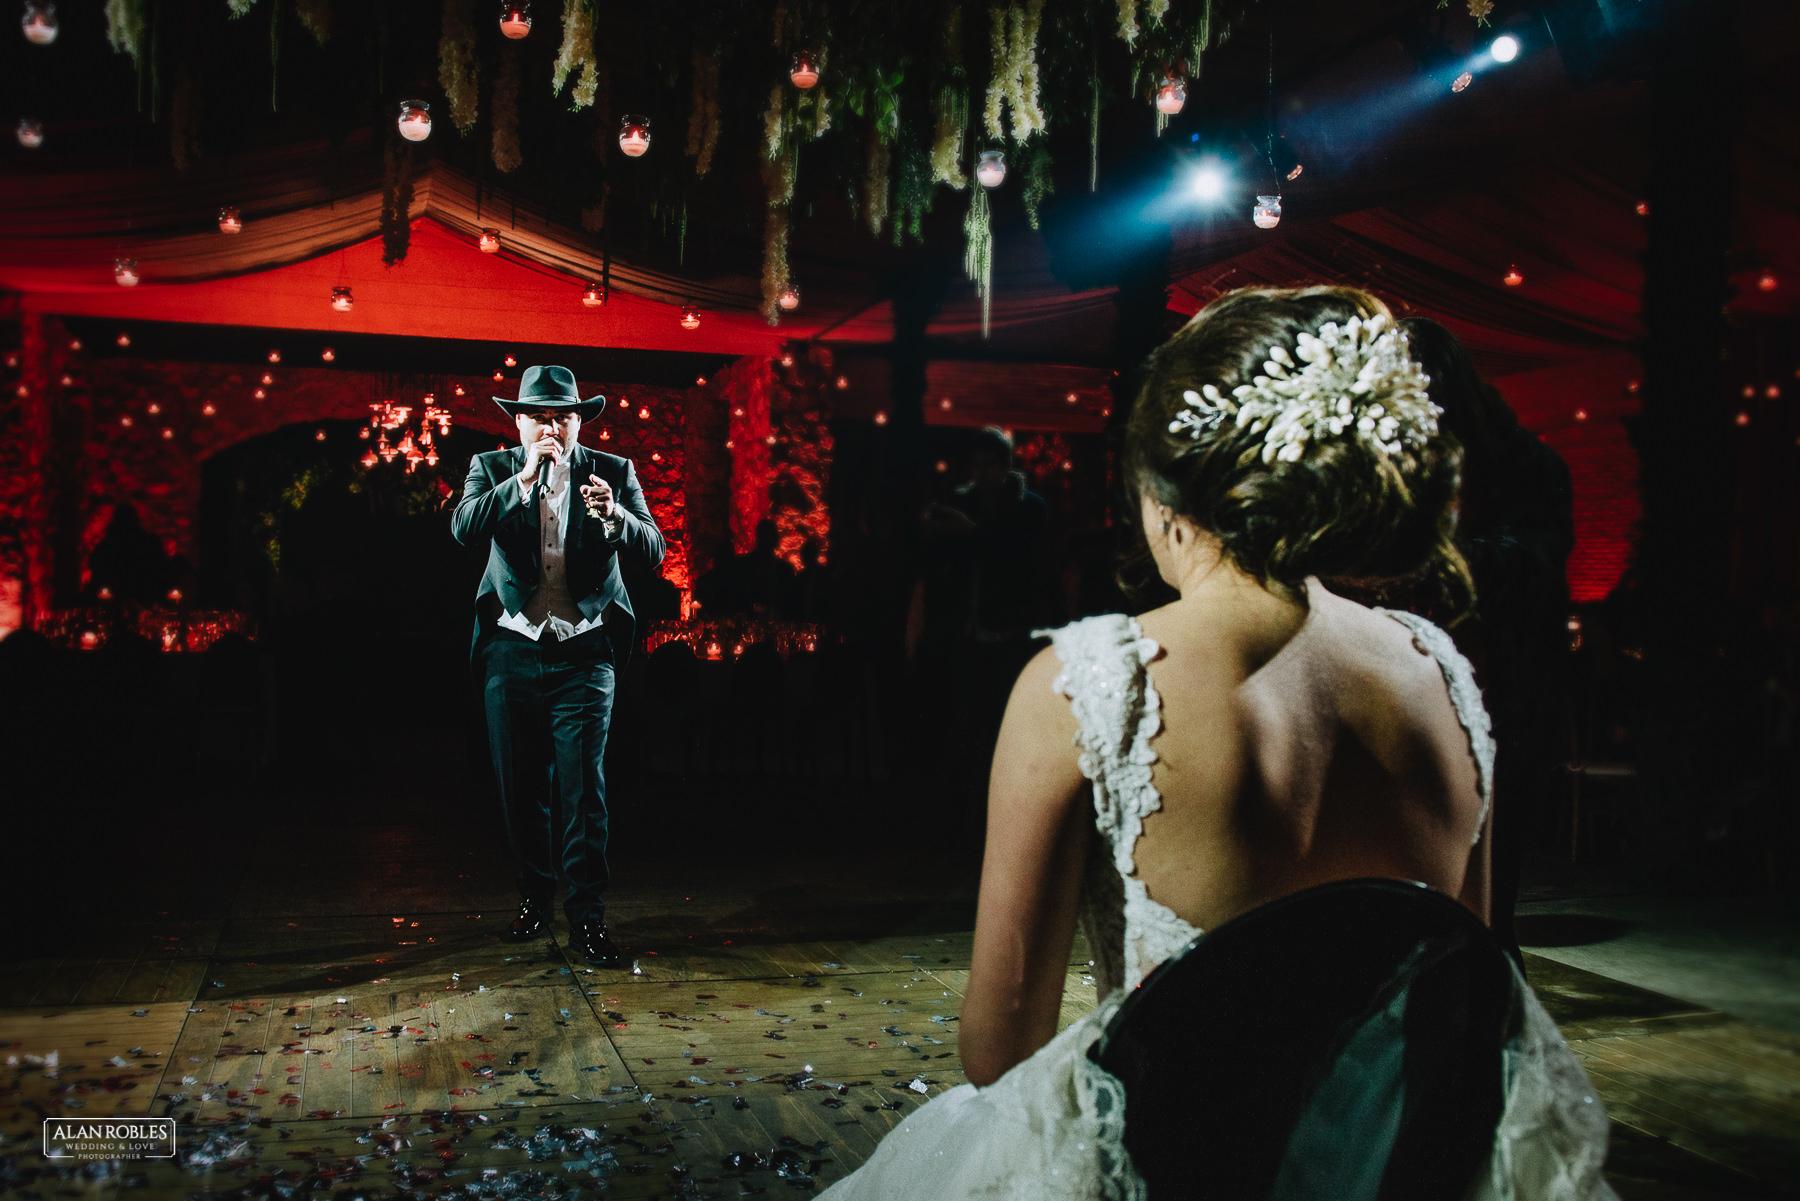 Fotografo de bodas Alan Robles-Casa Clementina Guadalajara DyA-63